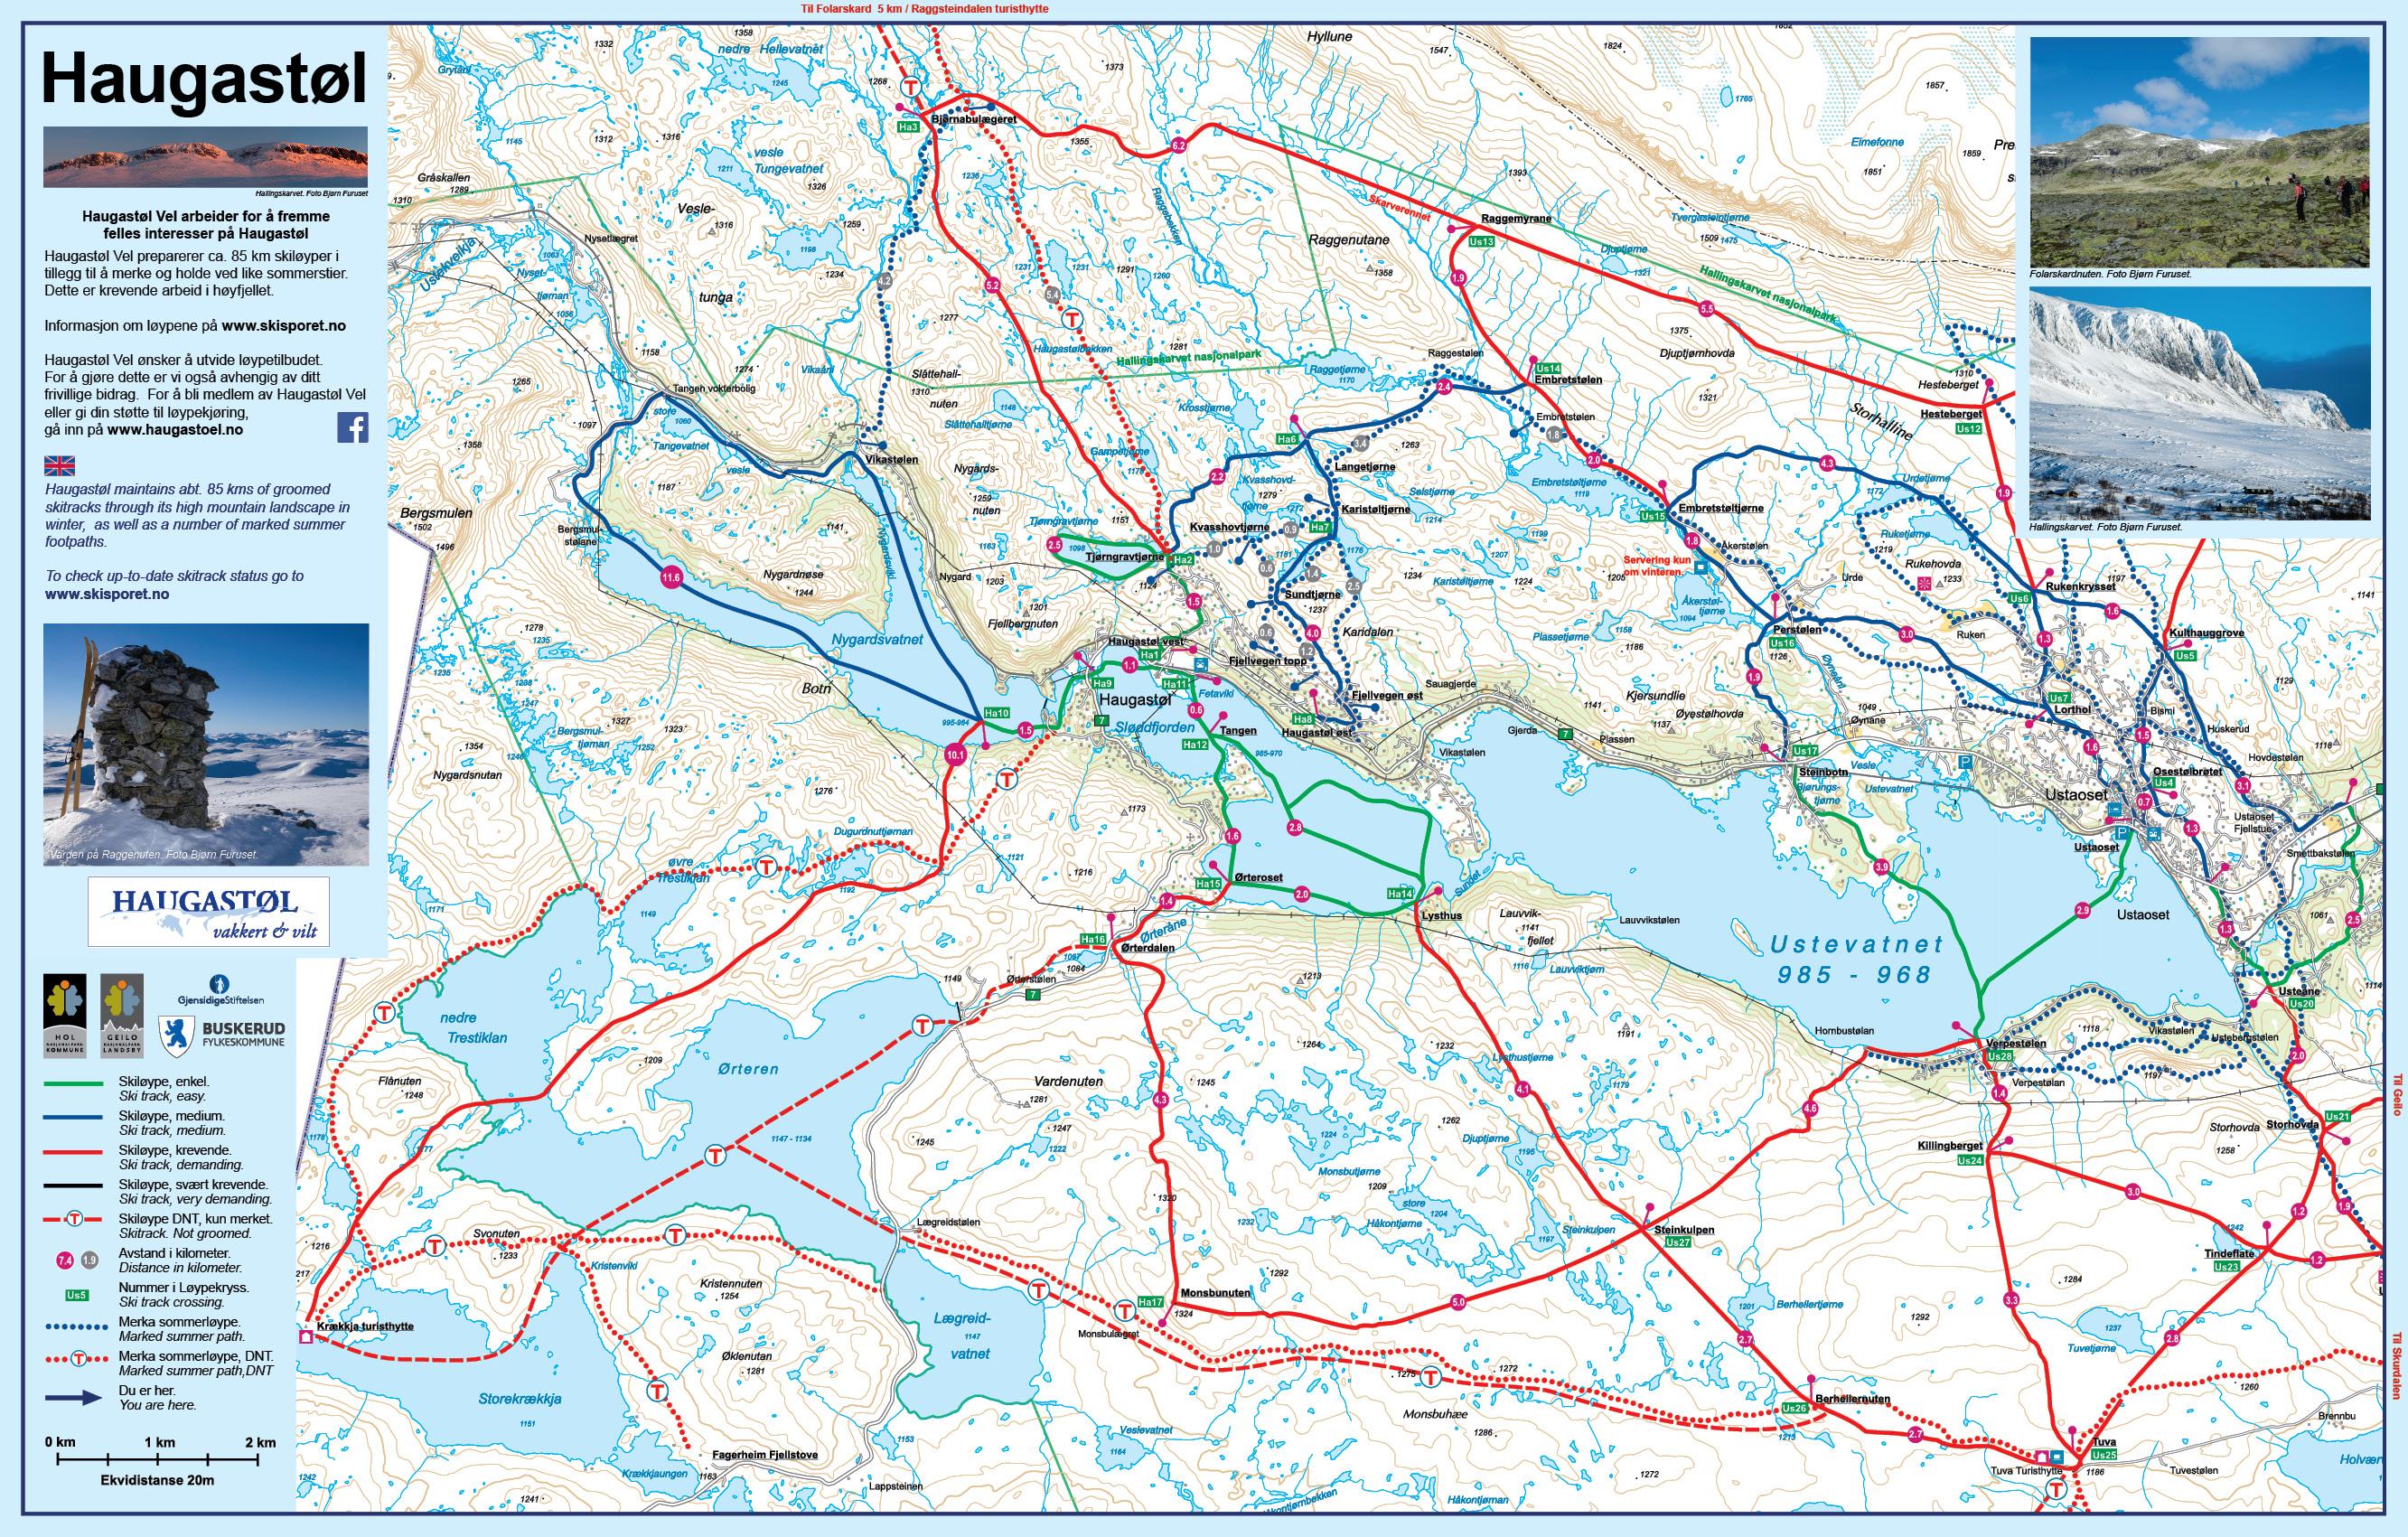 geilo kart Utplassering av kart tavler på Haugastøl – Haugastøl Vel geilo kart